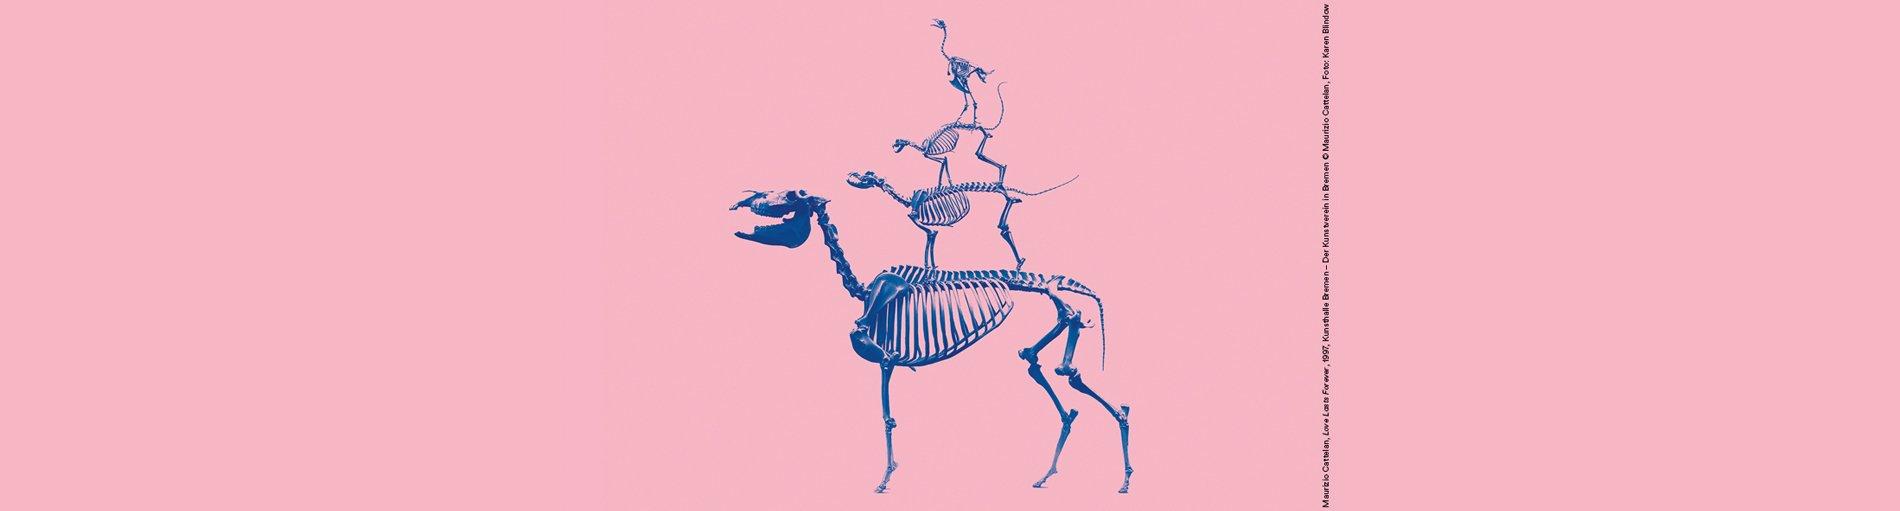 Das Skelett der Bremer Stadtmusikanten vor einem rosafarbenen Hintergrund.